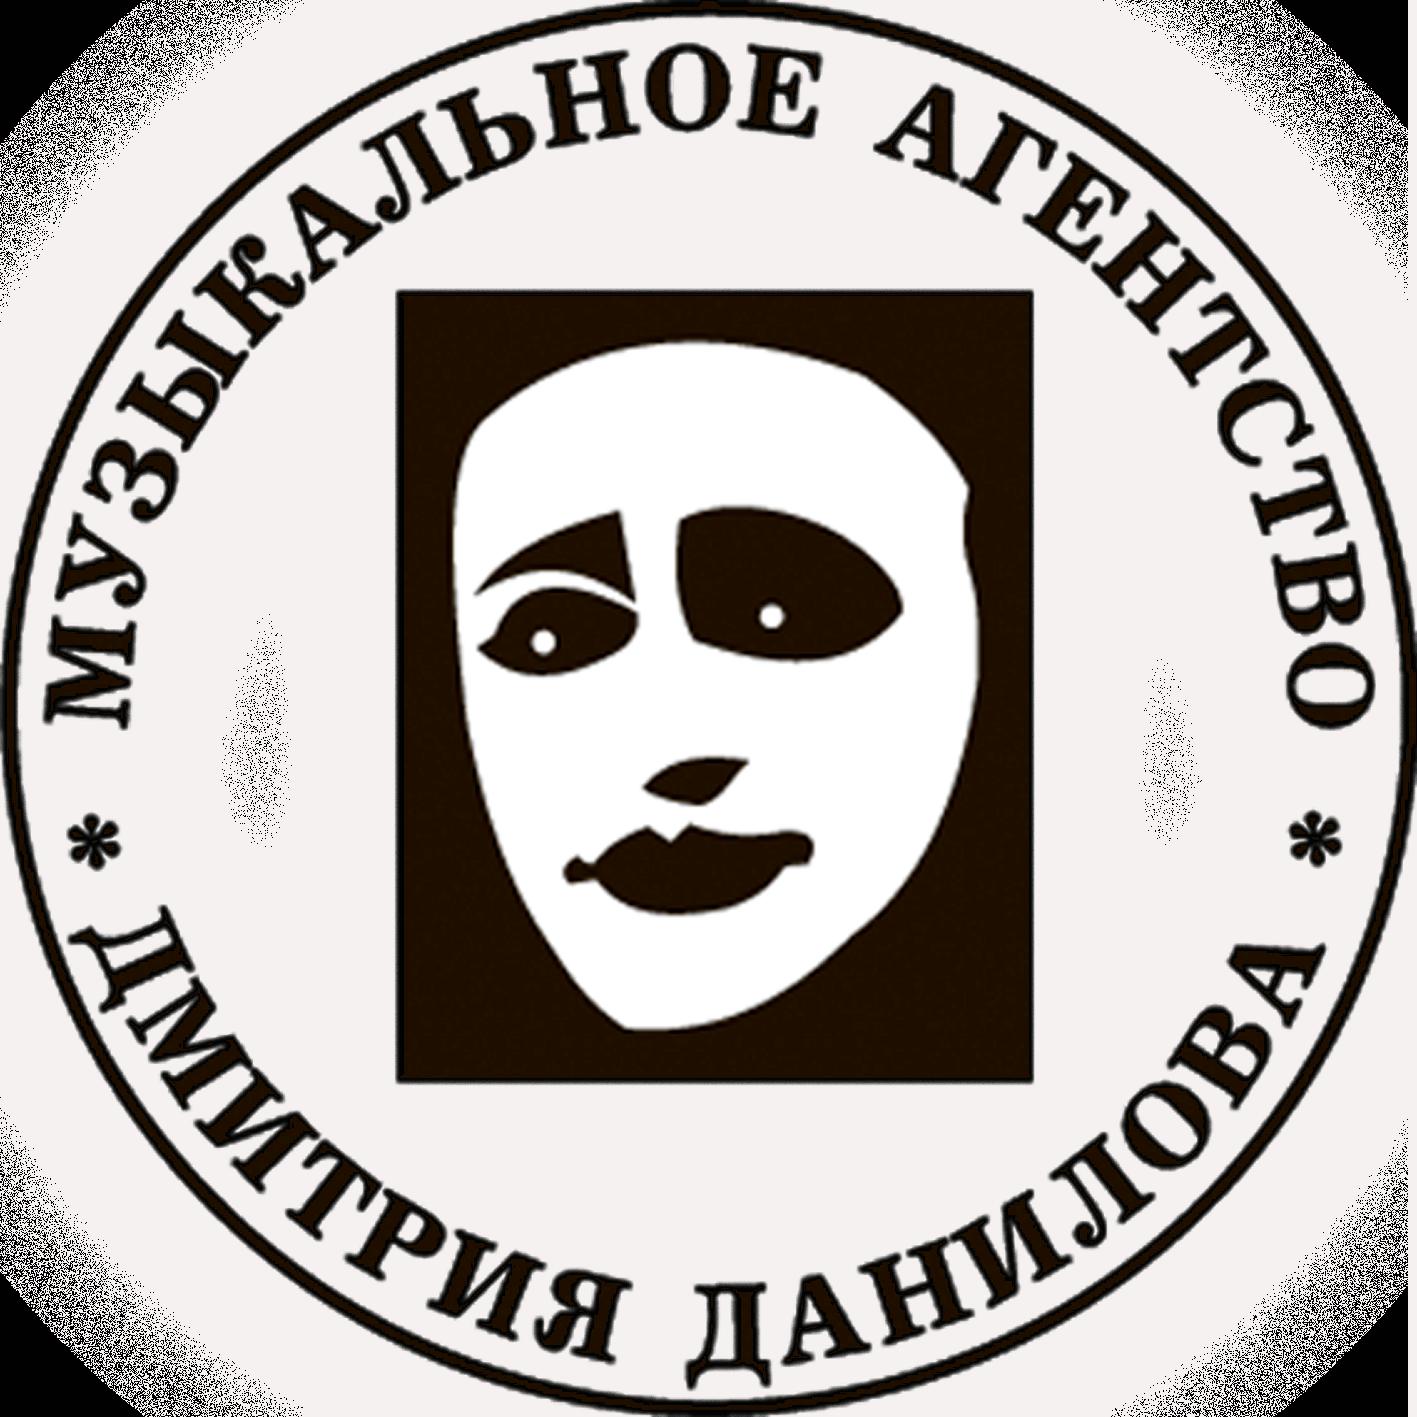 Музыкальное агентство Дмитрия Данилова